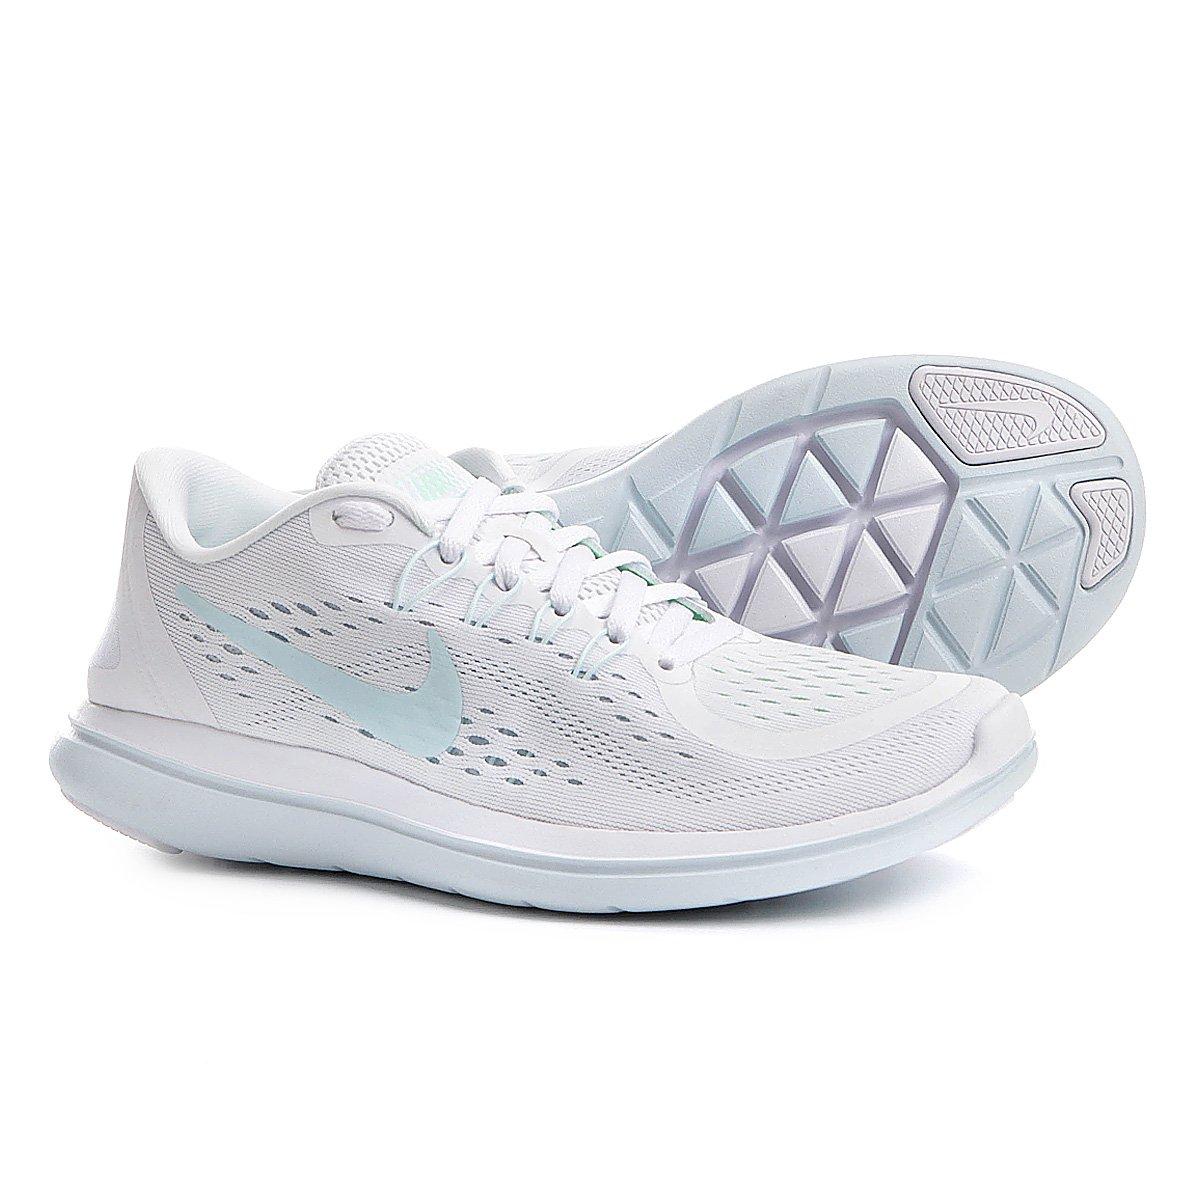 Tênis Nike Flex 2017 RN Feminino - Compre Agora  c1220fa3386a0